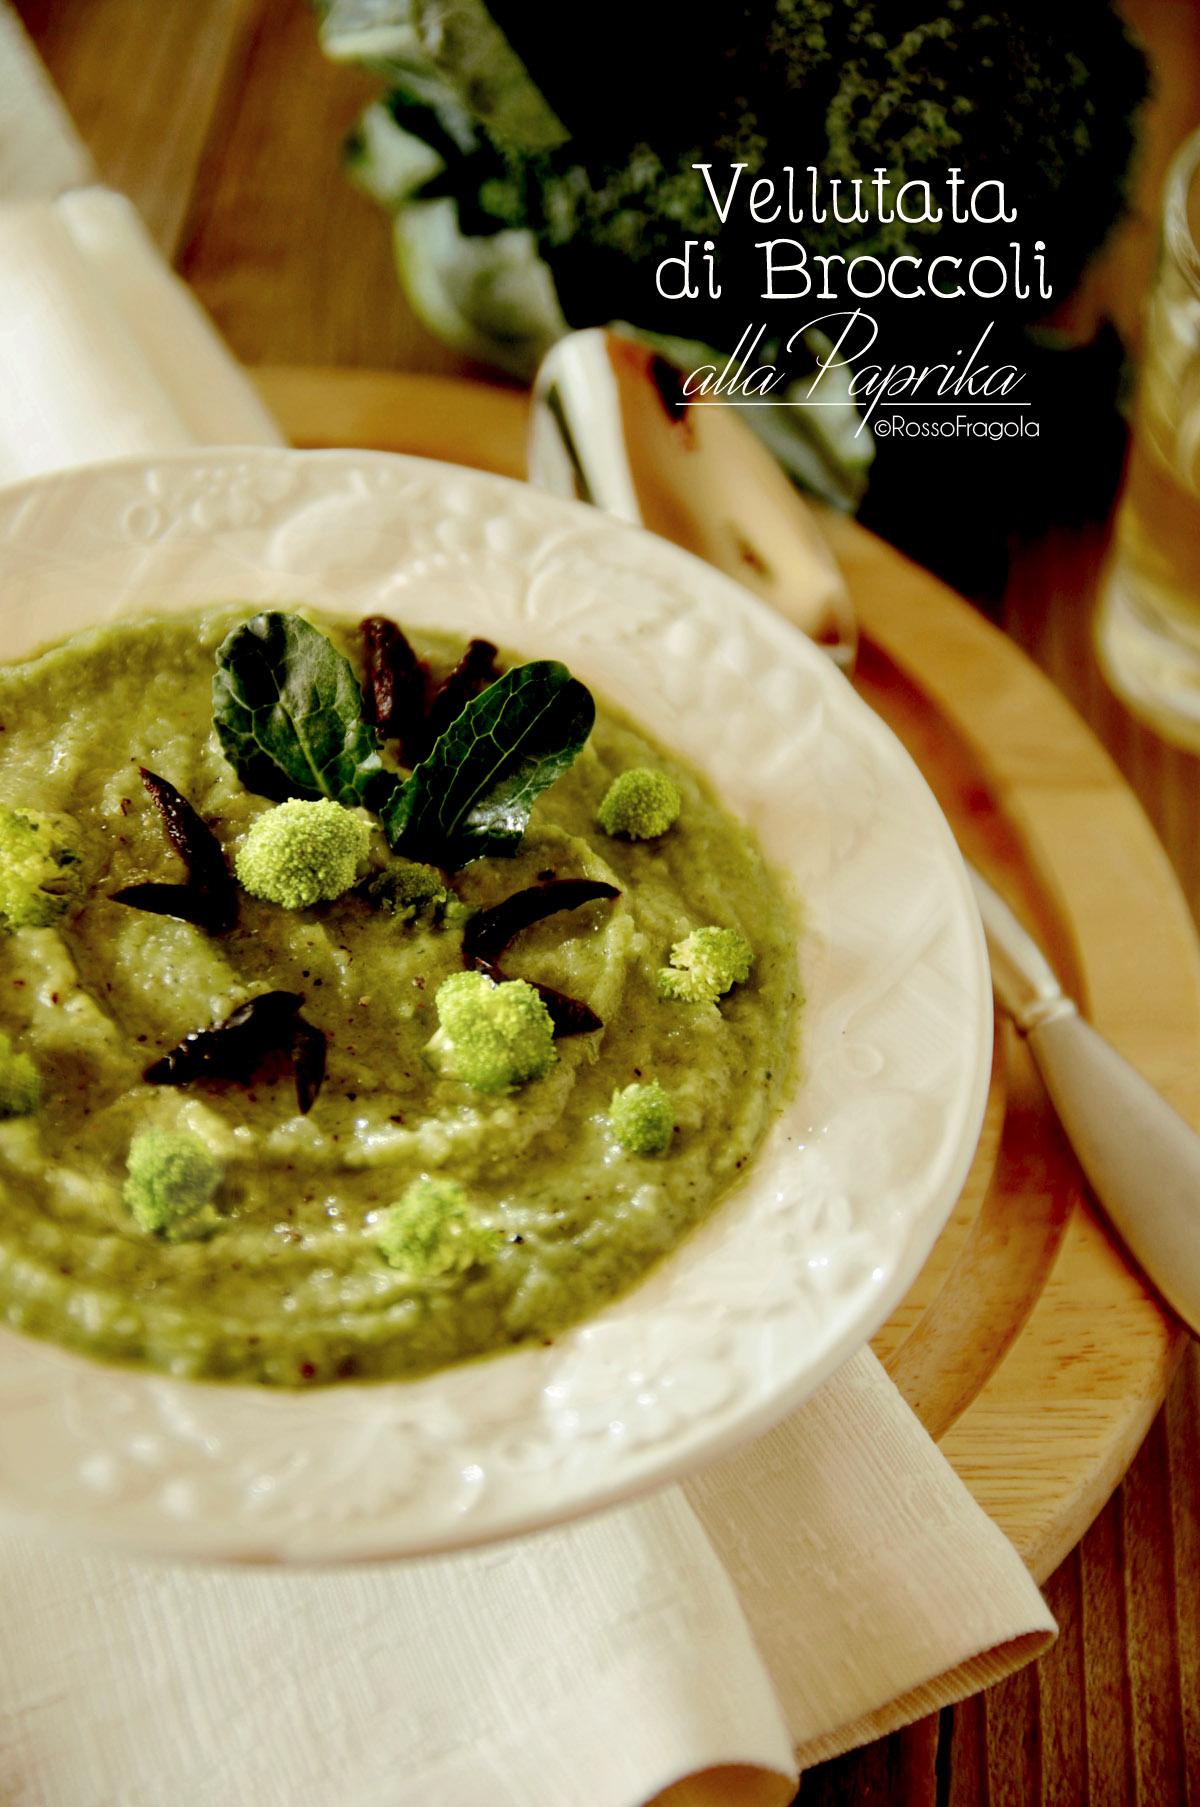 Vellutata di Broccoli alla Paprika